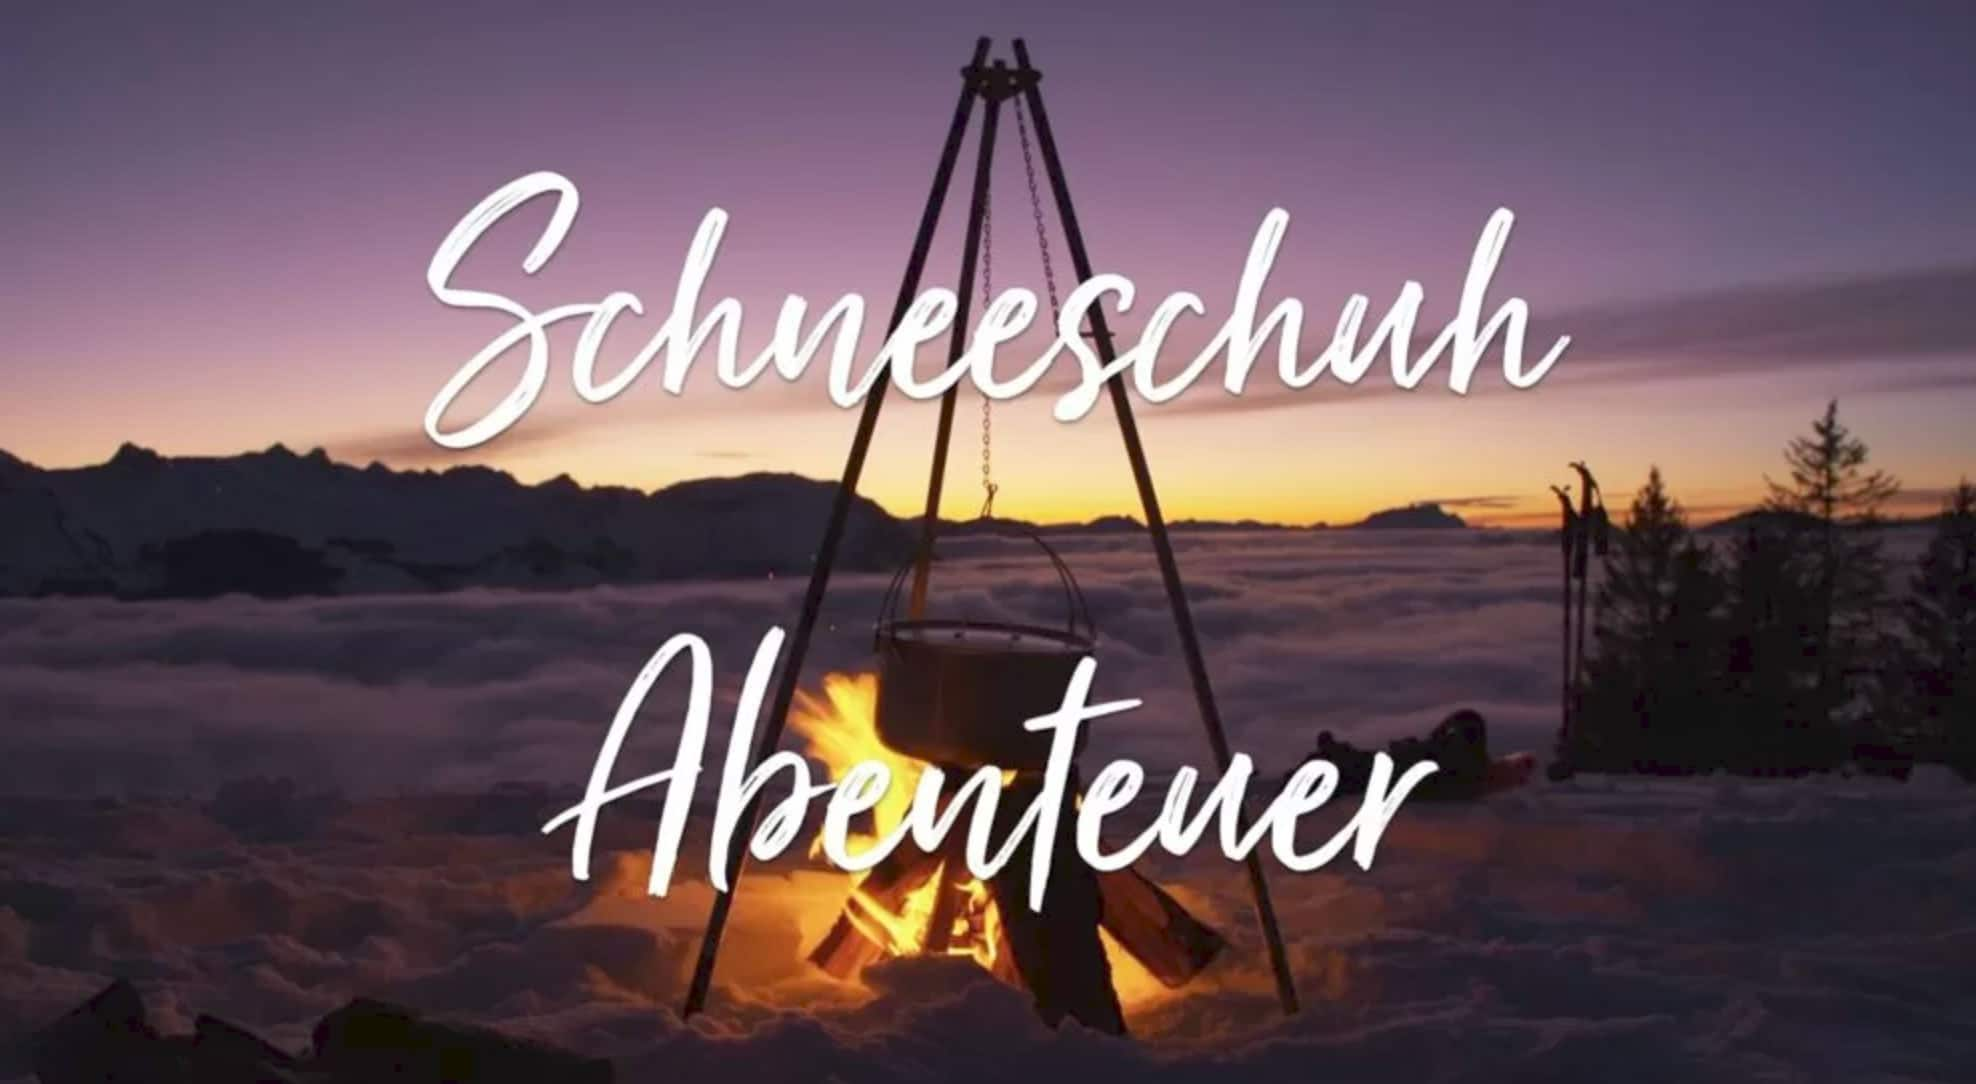 Blog KURTS.ch Schneeschuh Abenteuer Visitlocals